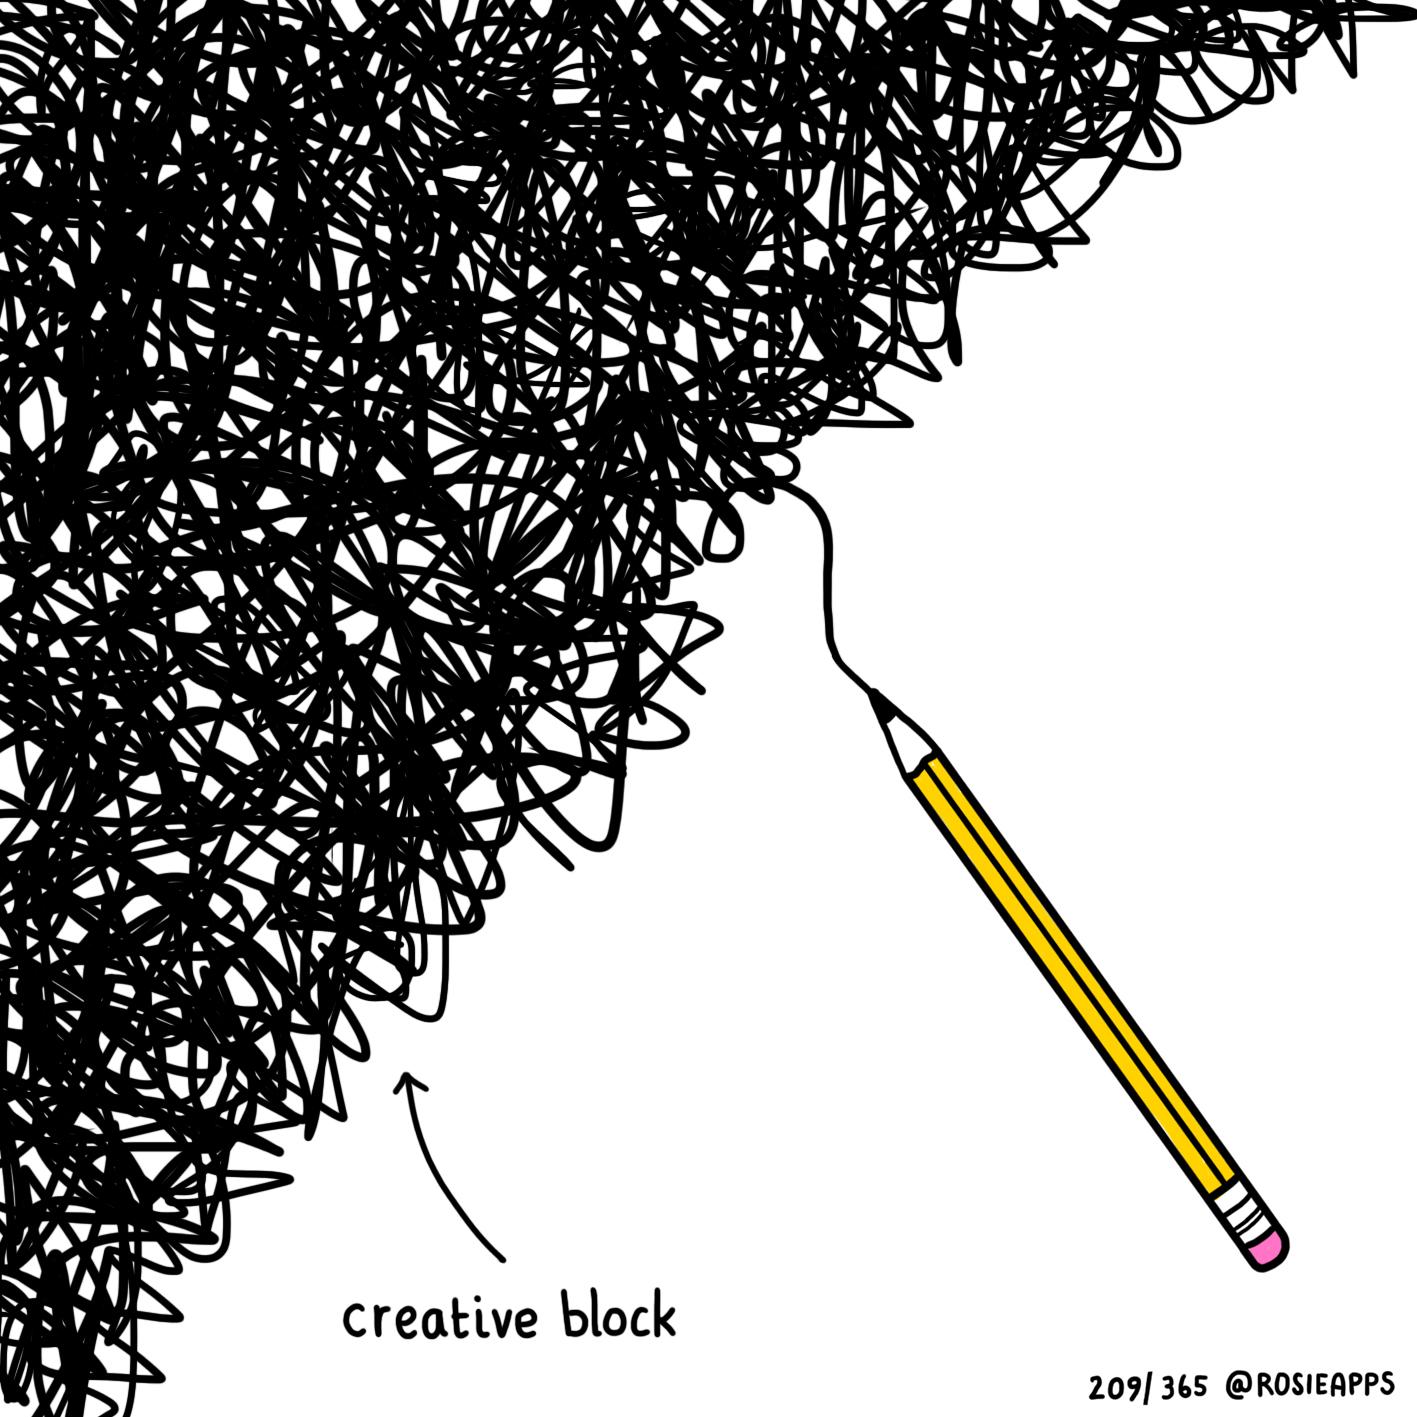 July-209-365 Creative Block.jpg